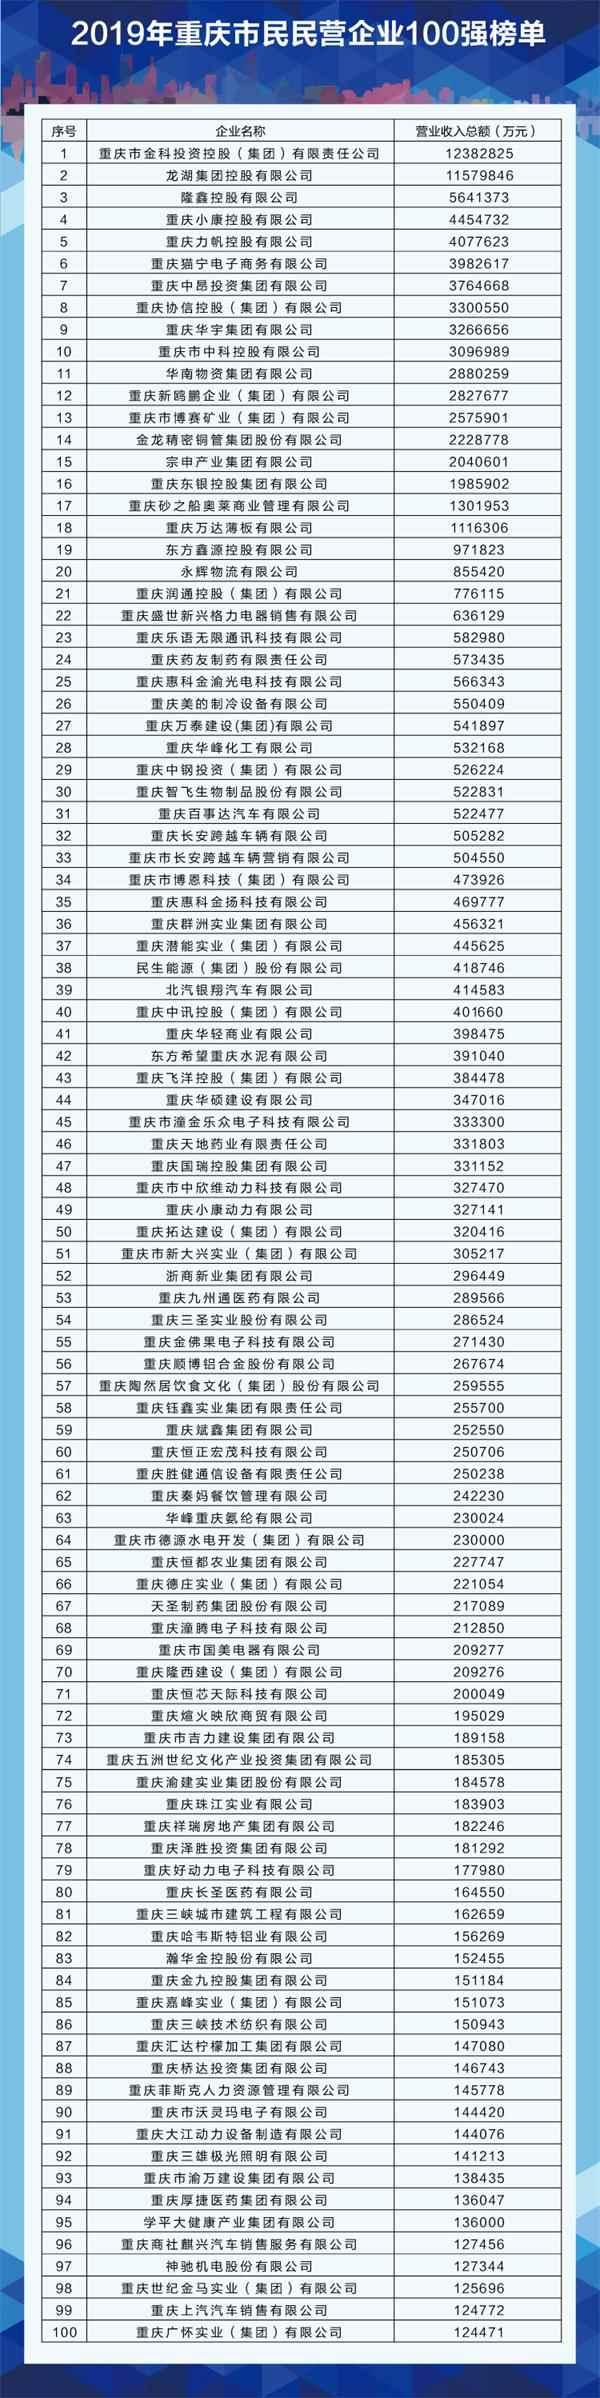 重庆百强民营企业新鲜出炉:金科排名第一,这些企业上榜